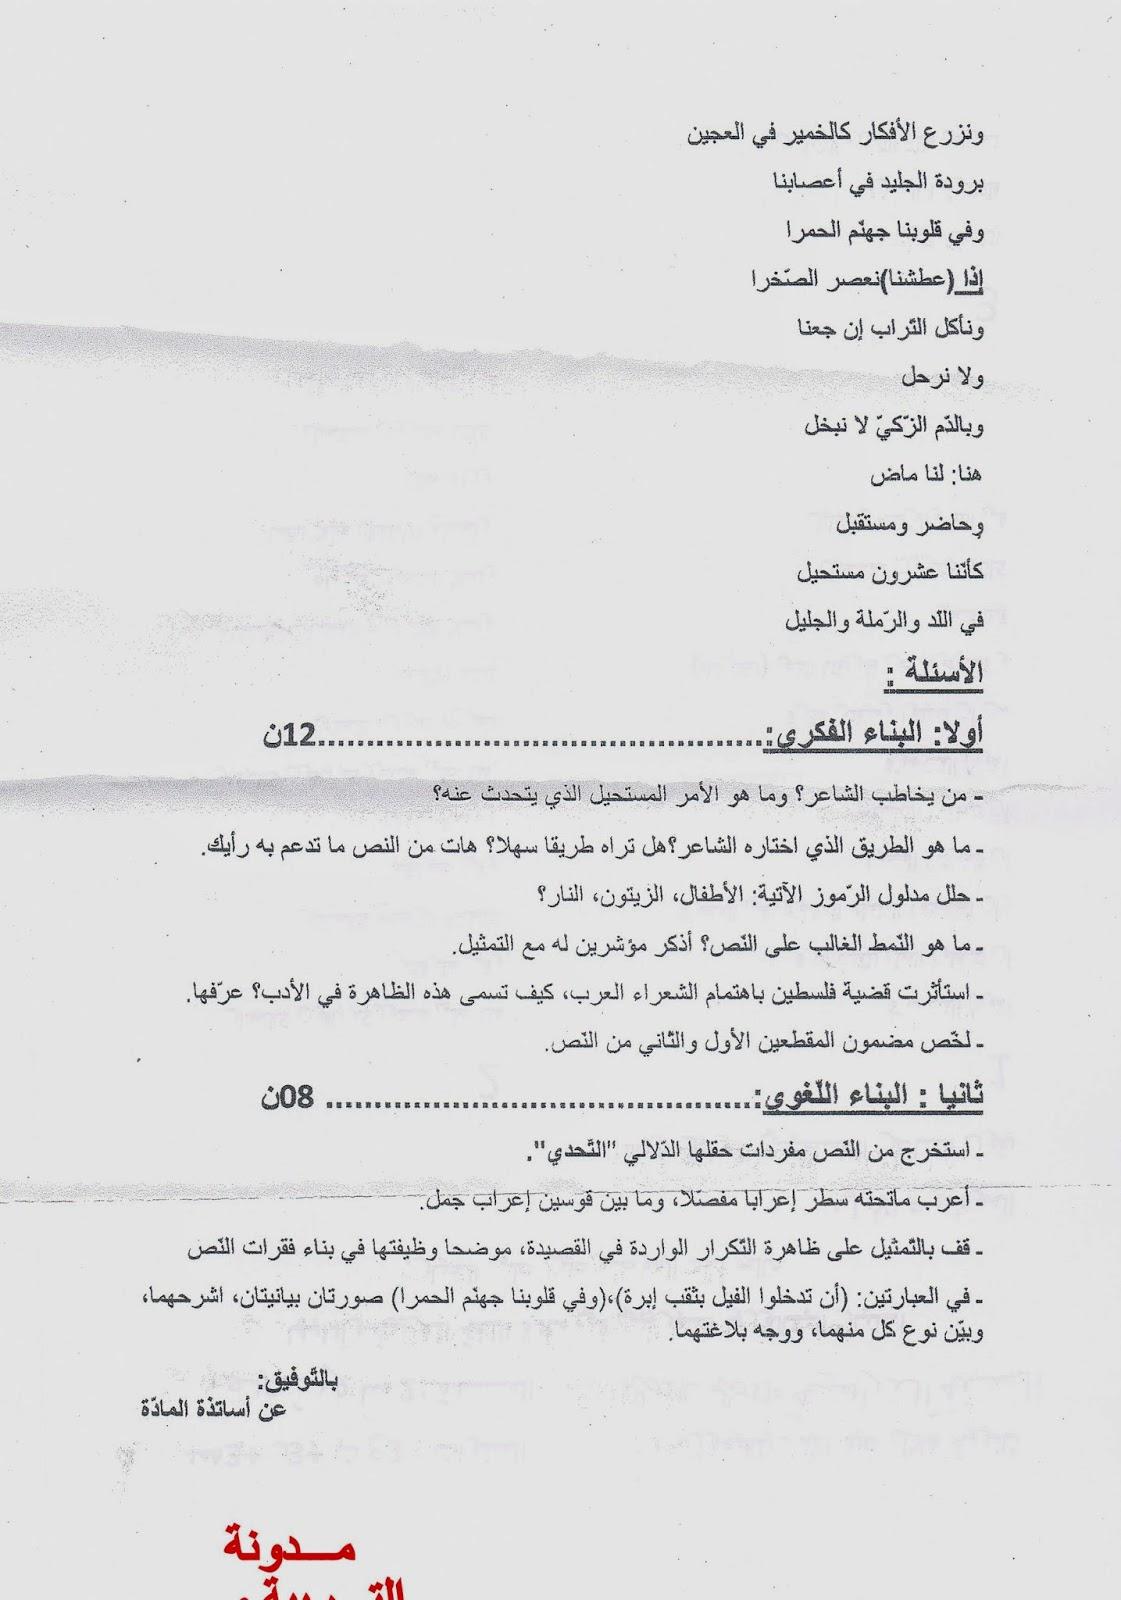 اختبار البكالوريا التجريبي في مادة اللغة العربية وآدابها 2013/2014 4